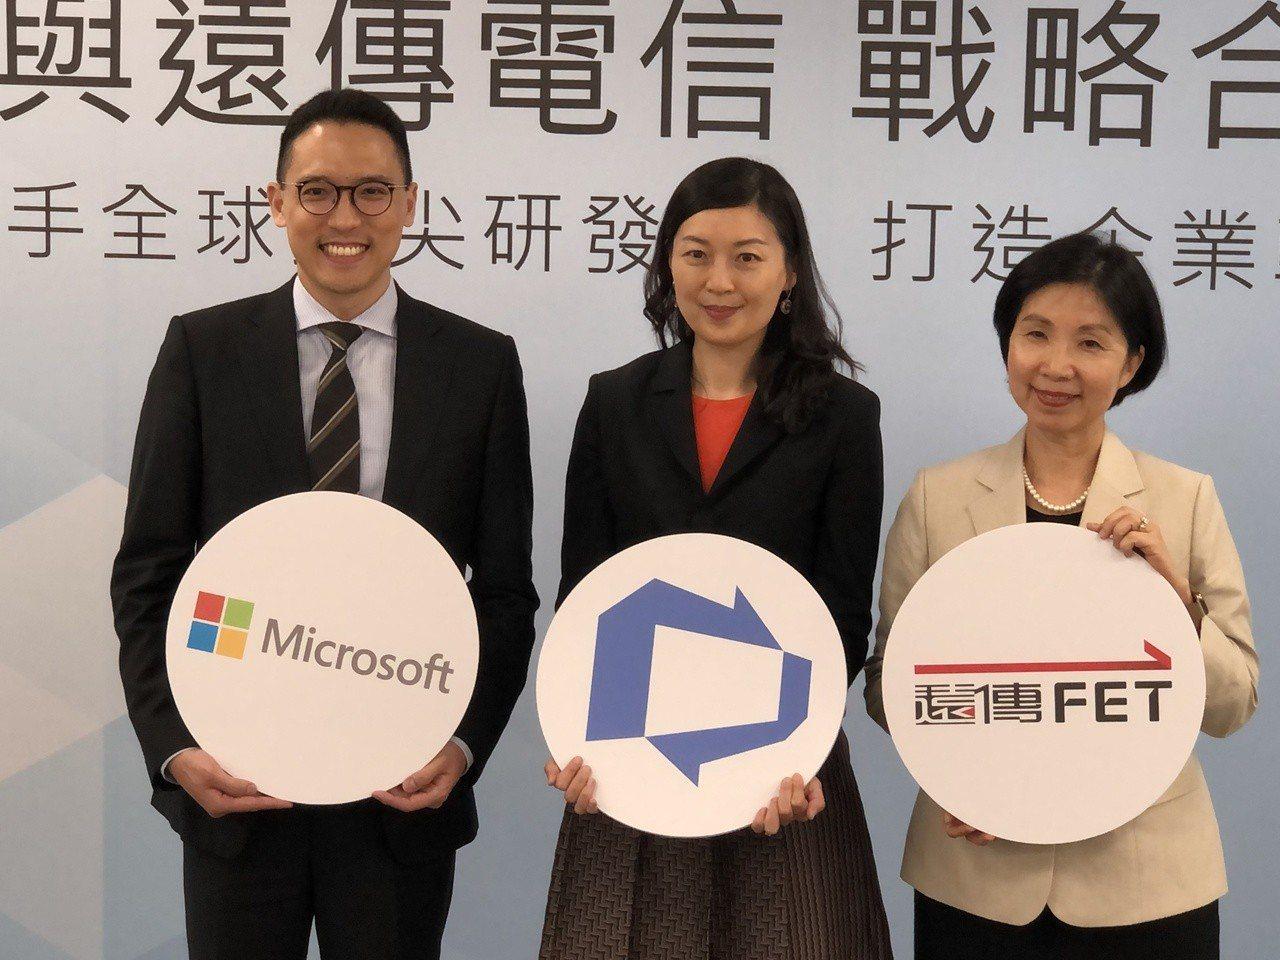 台灣微軟與遠傳電信今天宣布戰略合作,圖為台灣微軟總經理孫基康(左起)、微軟全球資...